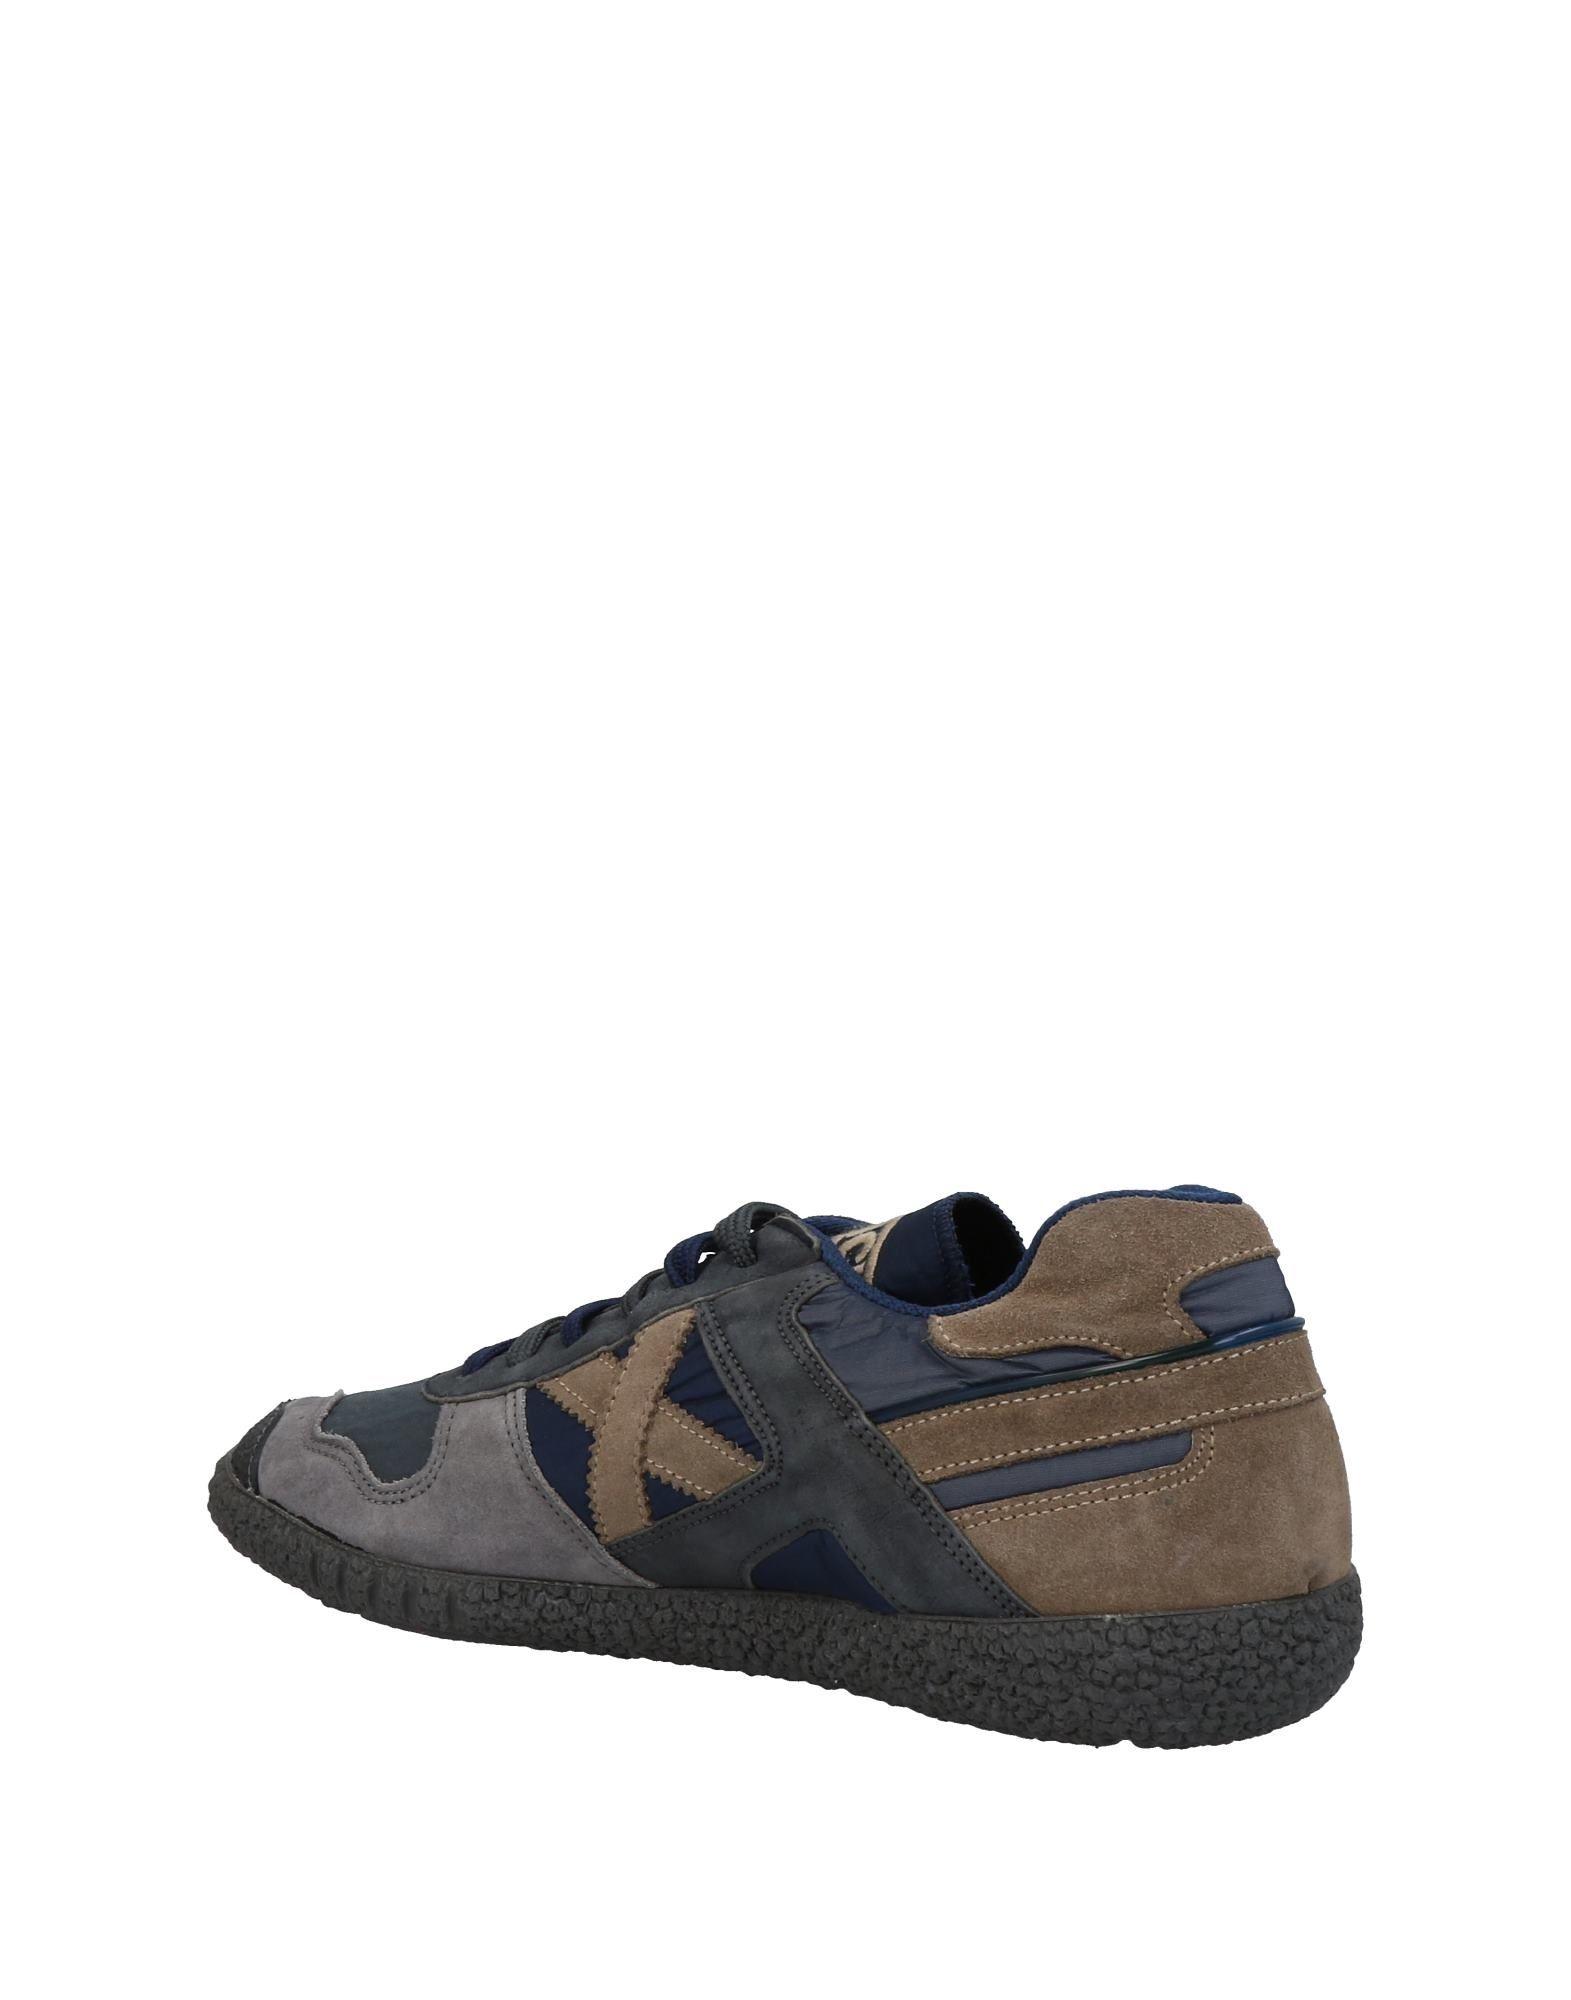 Rabatt Herren echte Schuhe Munich Sneakers Herren Rabatt  11454565FW 5a9c03